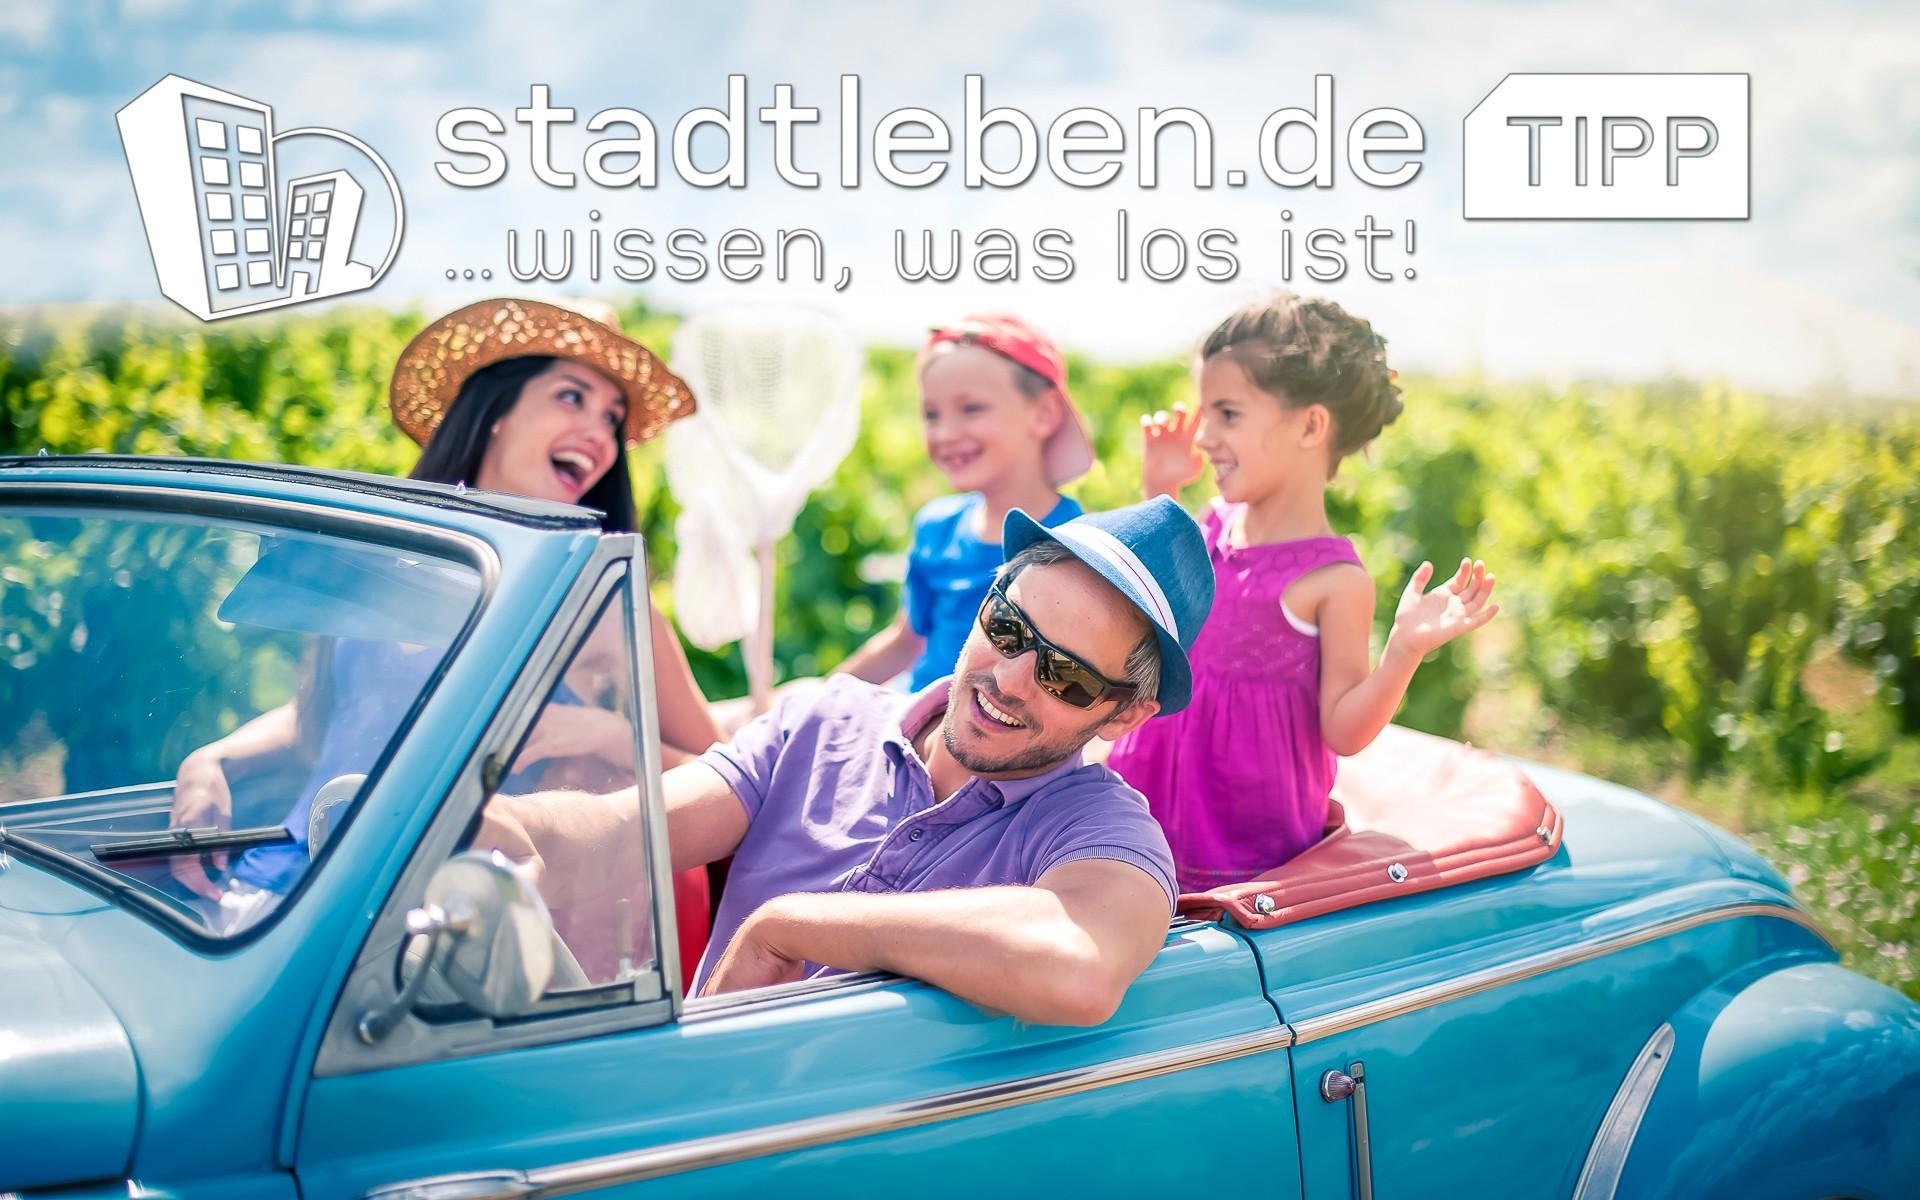 Cabrio, Vater, Mutter, Junge, Mädchen, Köcher, Urlaub, Auto, fahren, Ausflug, Familie, Kinder, Freizeit